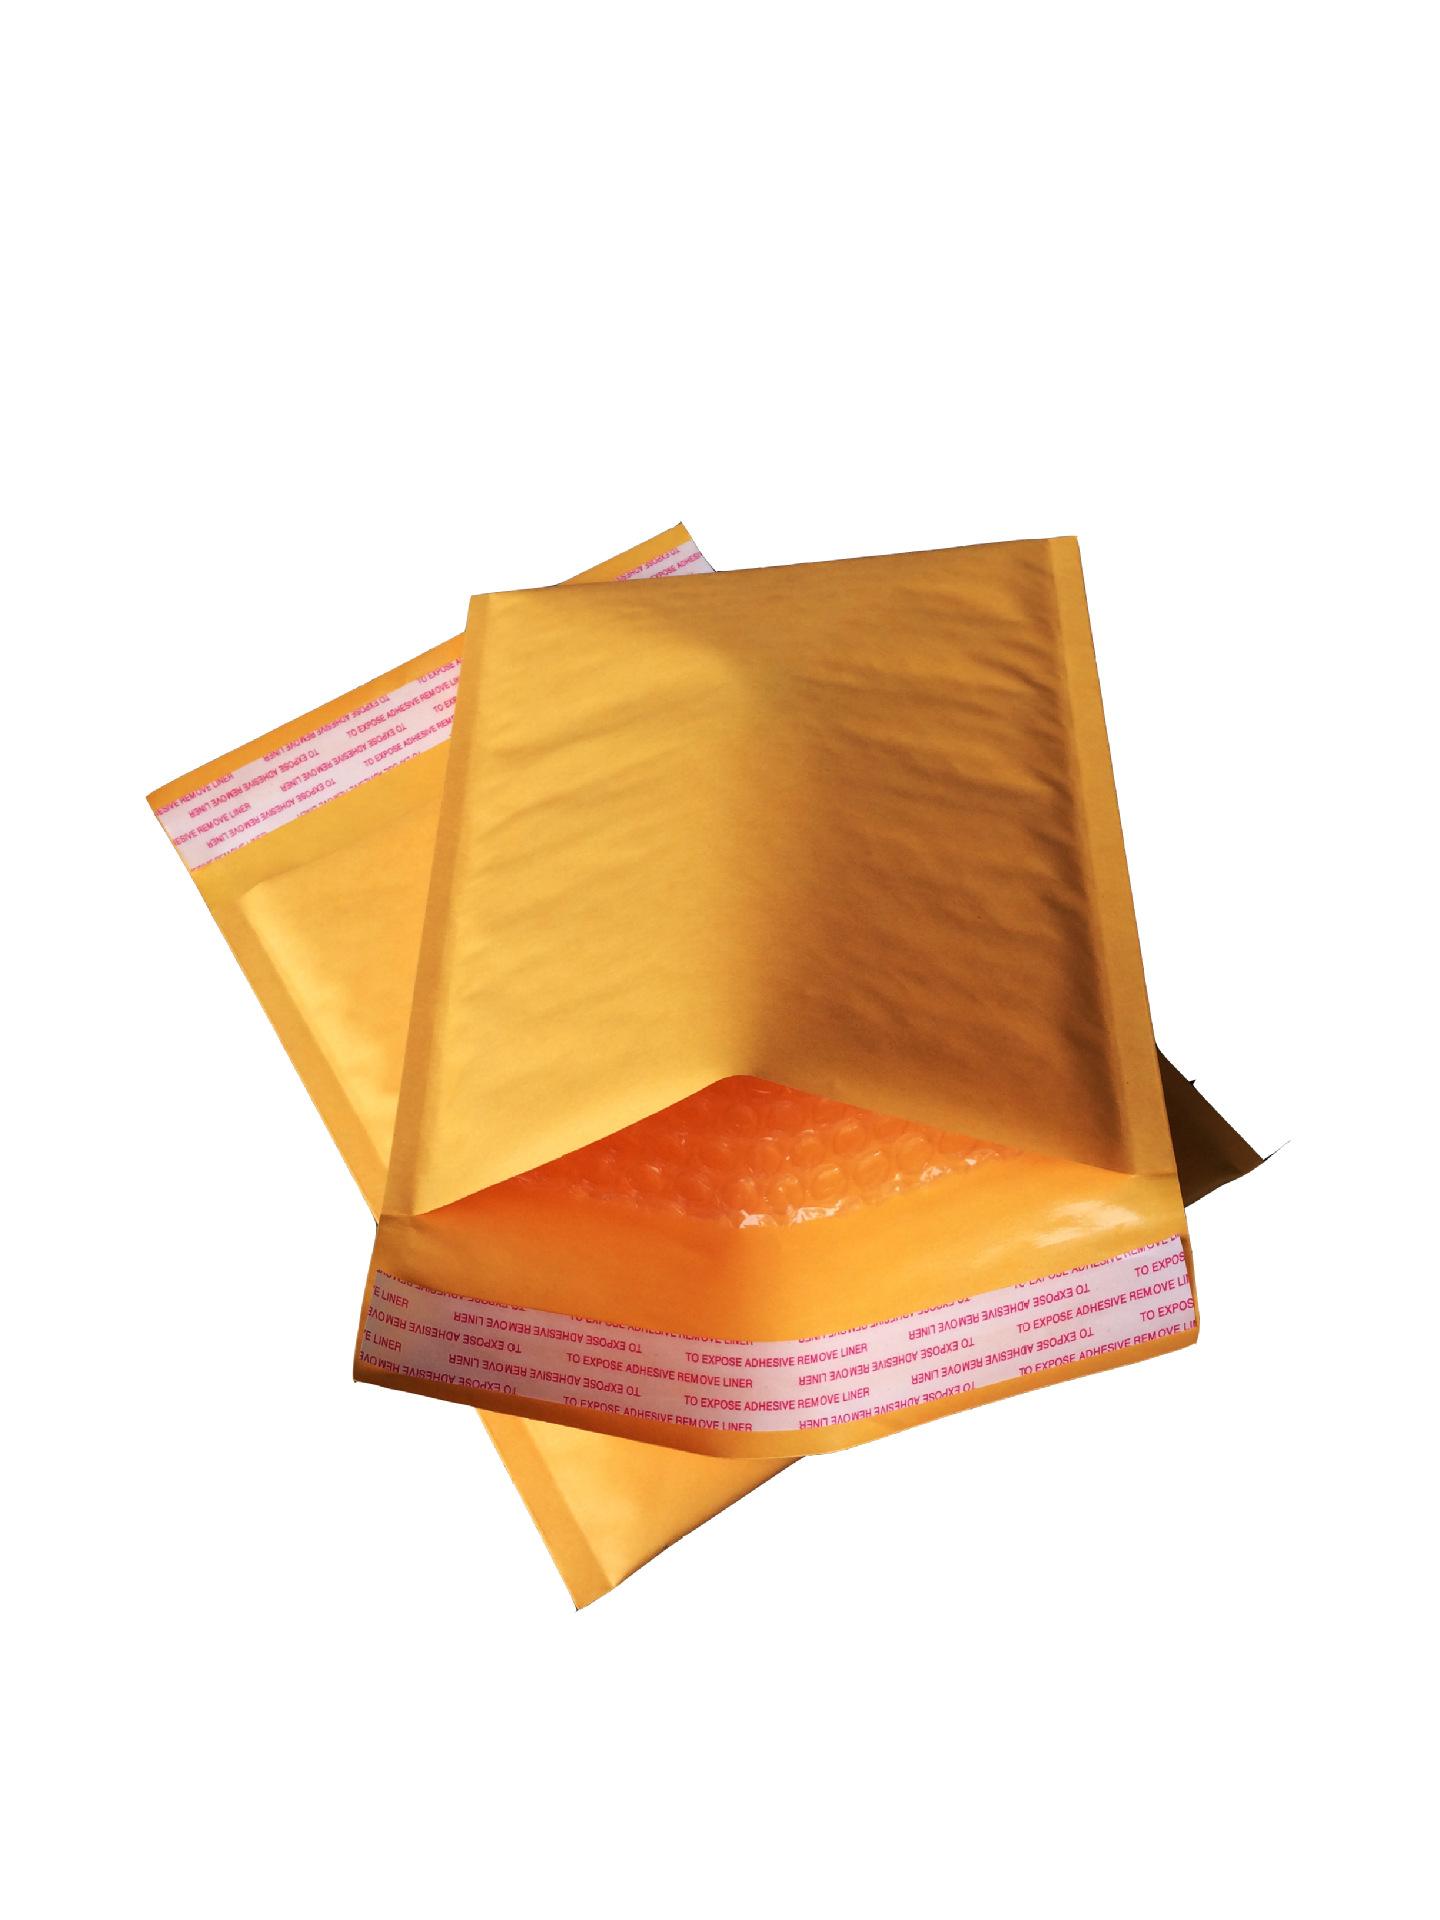 bao thư chống sốc 11 * 10 phong bì bong bóng giấy kraft 110 * 100 + 40 bông tai trang sức xuyên biên